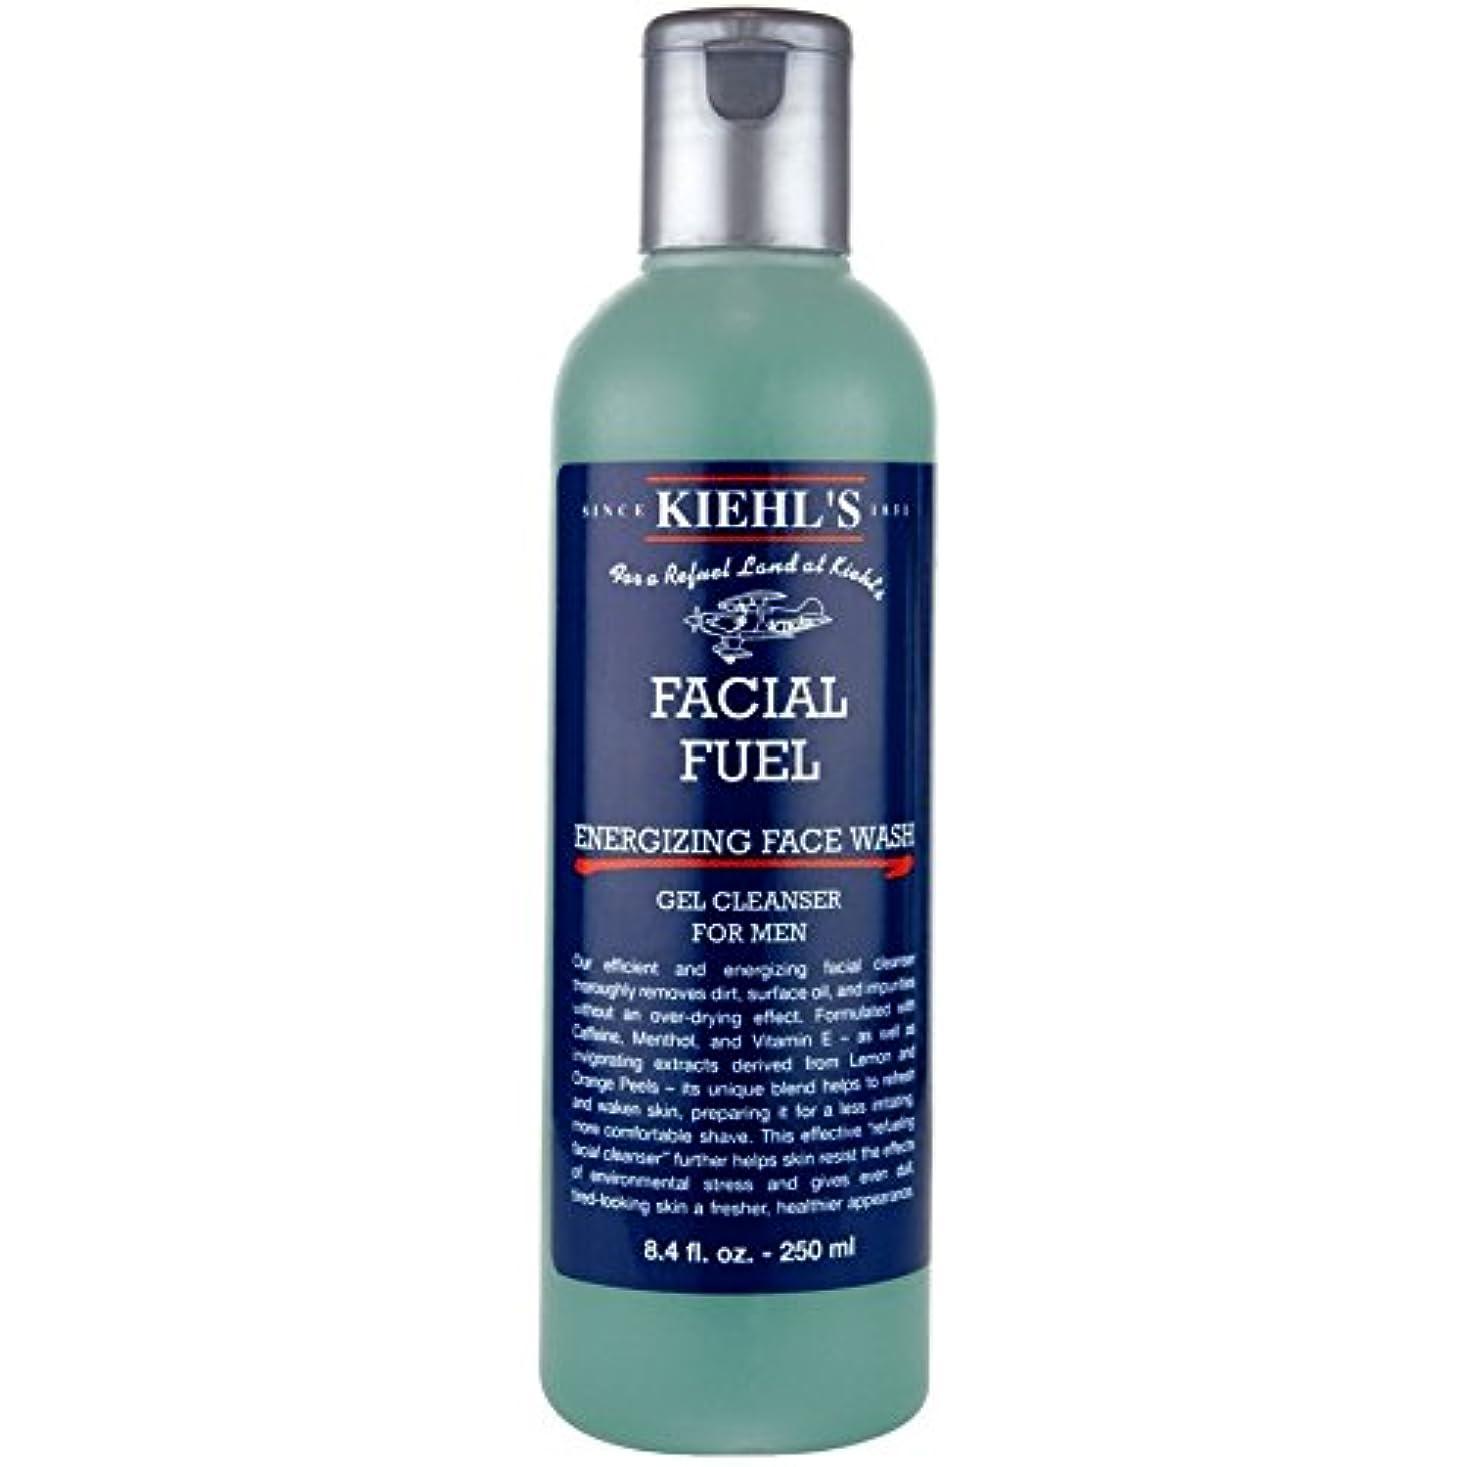 申請中関係する記憶に残る[Kiehl's] 男性のためのキールズフェイシャル燃料通電洗顔250ミリリットル - Kiehl's Facial Fuel Energizing Face Wash For Men 250ml [並行輸入品]